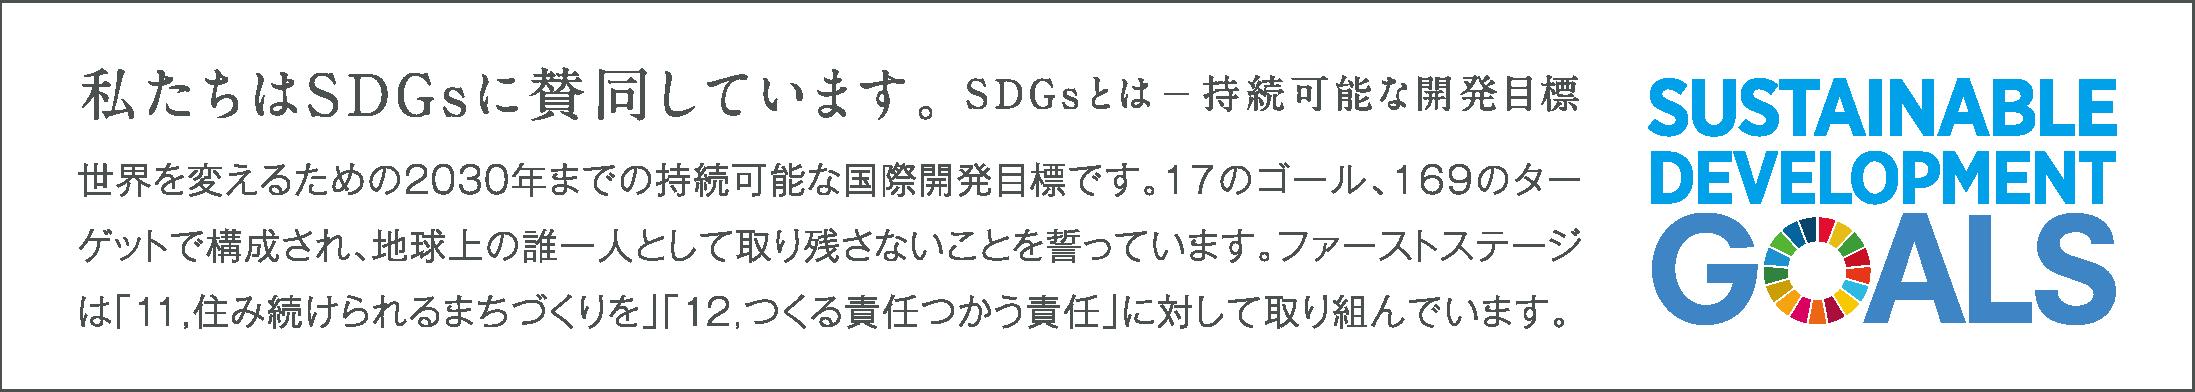 SUSTAINABLE DEVELOPMENT GOALS 私たちはSDGsに賛同しています。